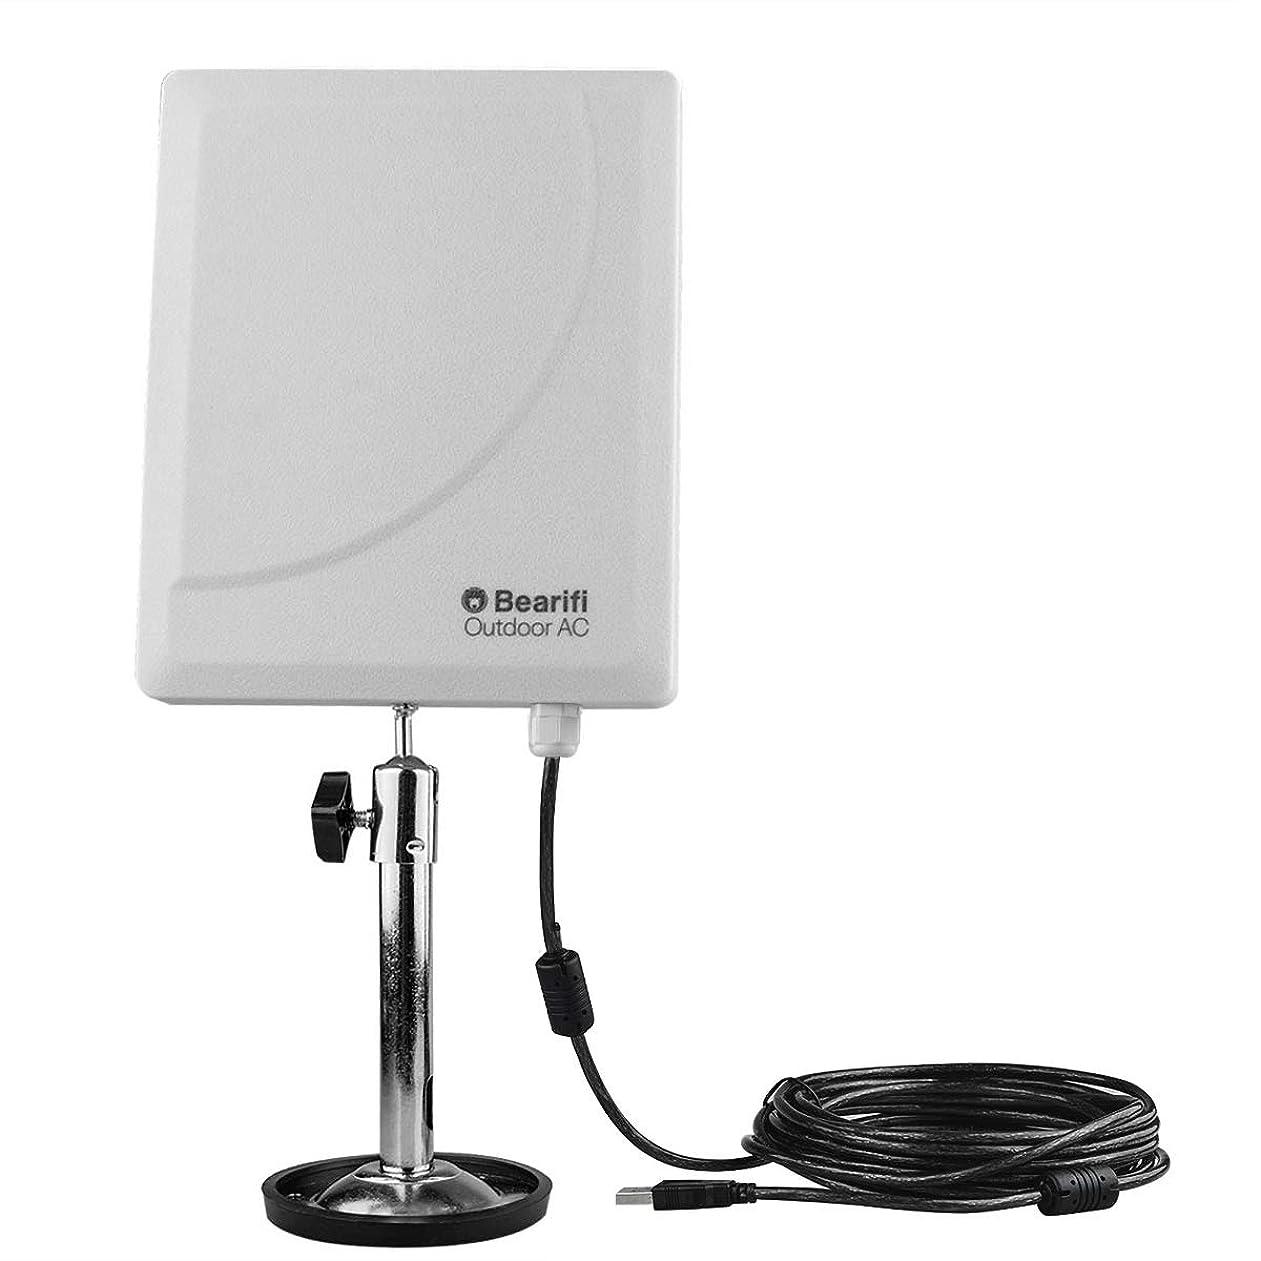 未知の派手音楽家Bearifi BearExtender アウトドア AC 802.11ac デュアルバンド 2.4 GHz ハイパワー USB Wi-Fi エクステンダー アンテナ PC